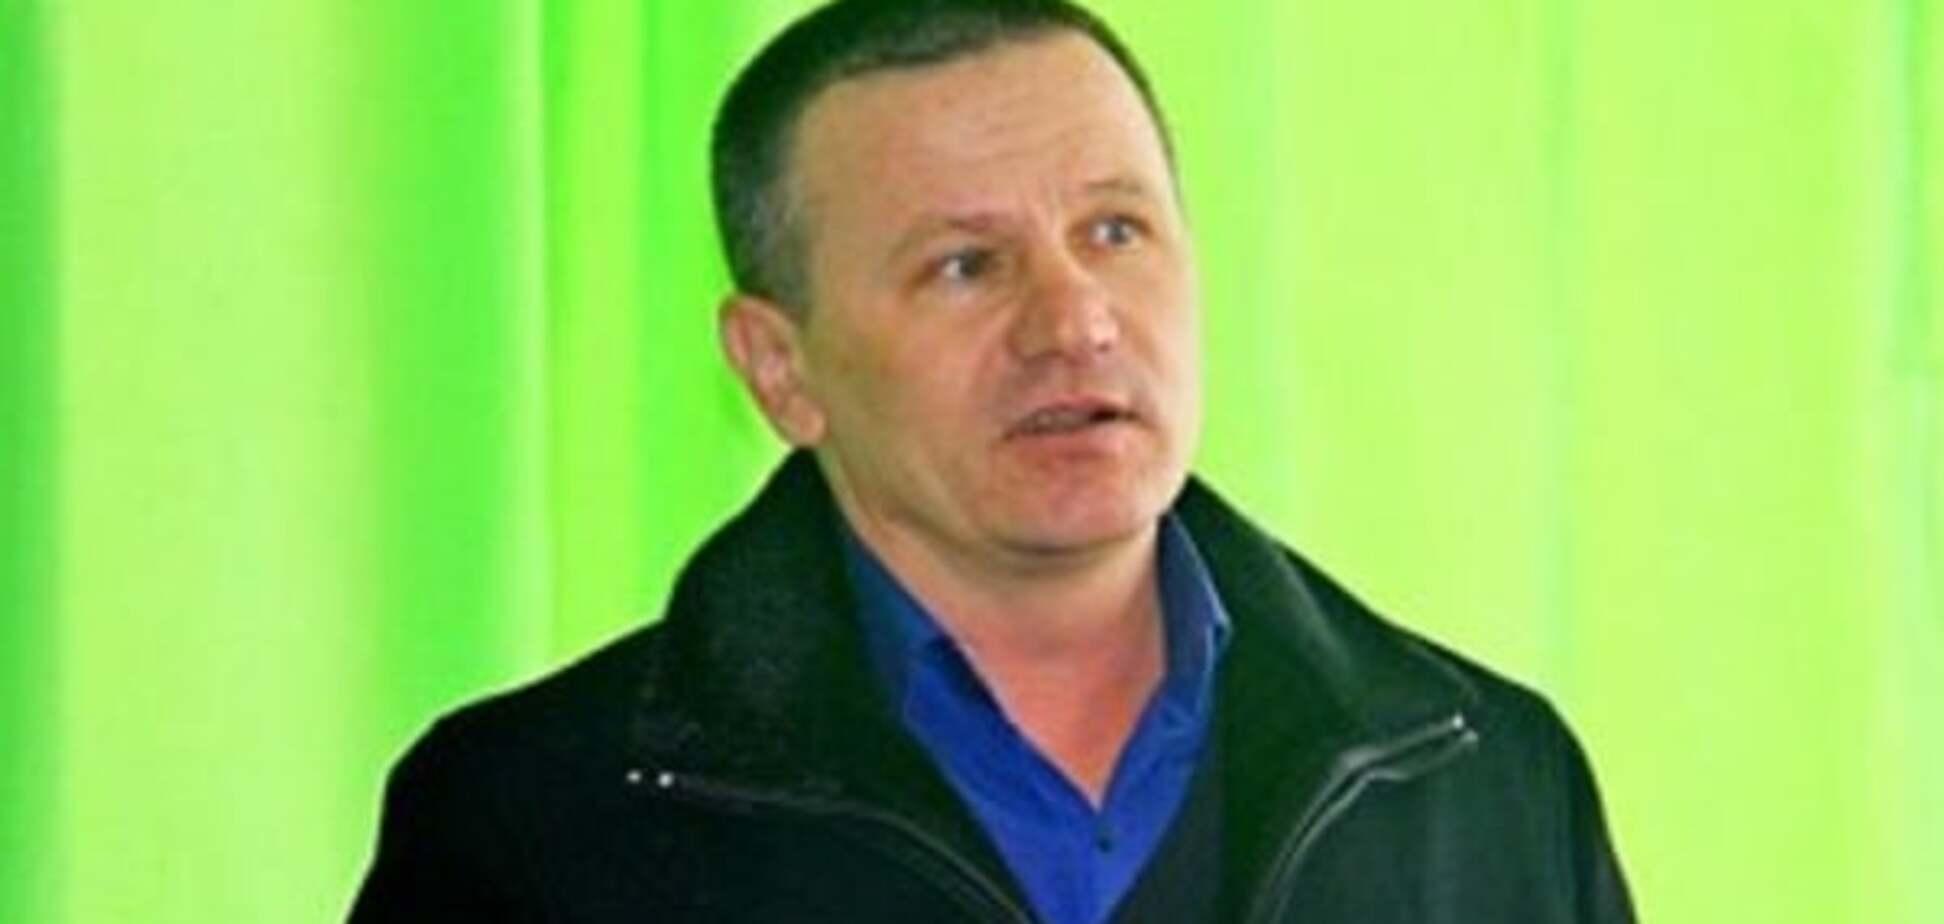 Сказки кремлевских СМИ: мэр замерзающего Геническа 'попросил' у Путина газа